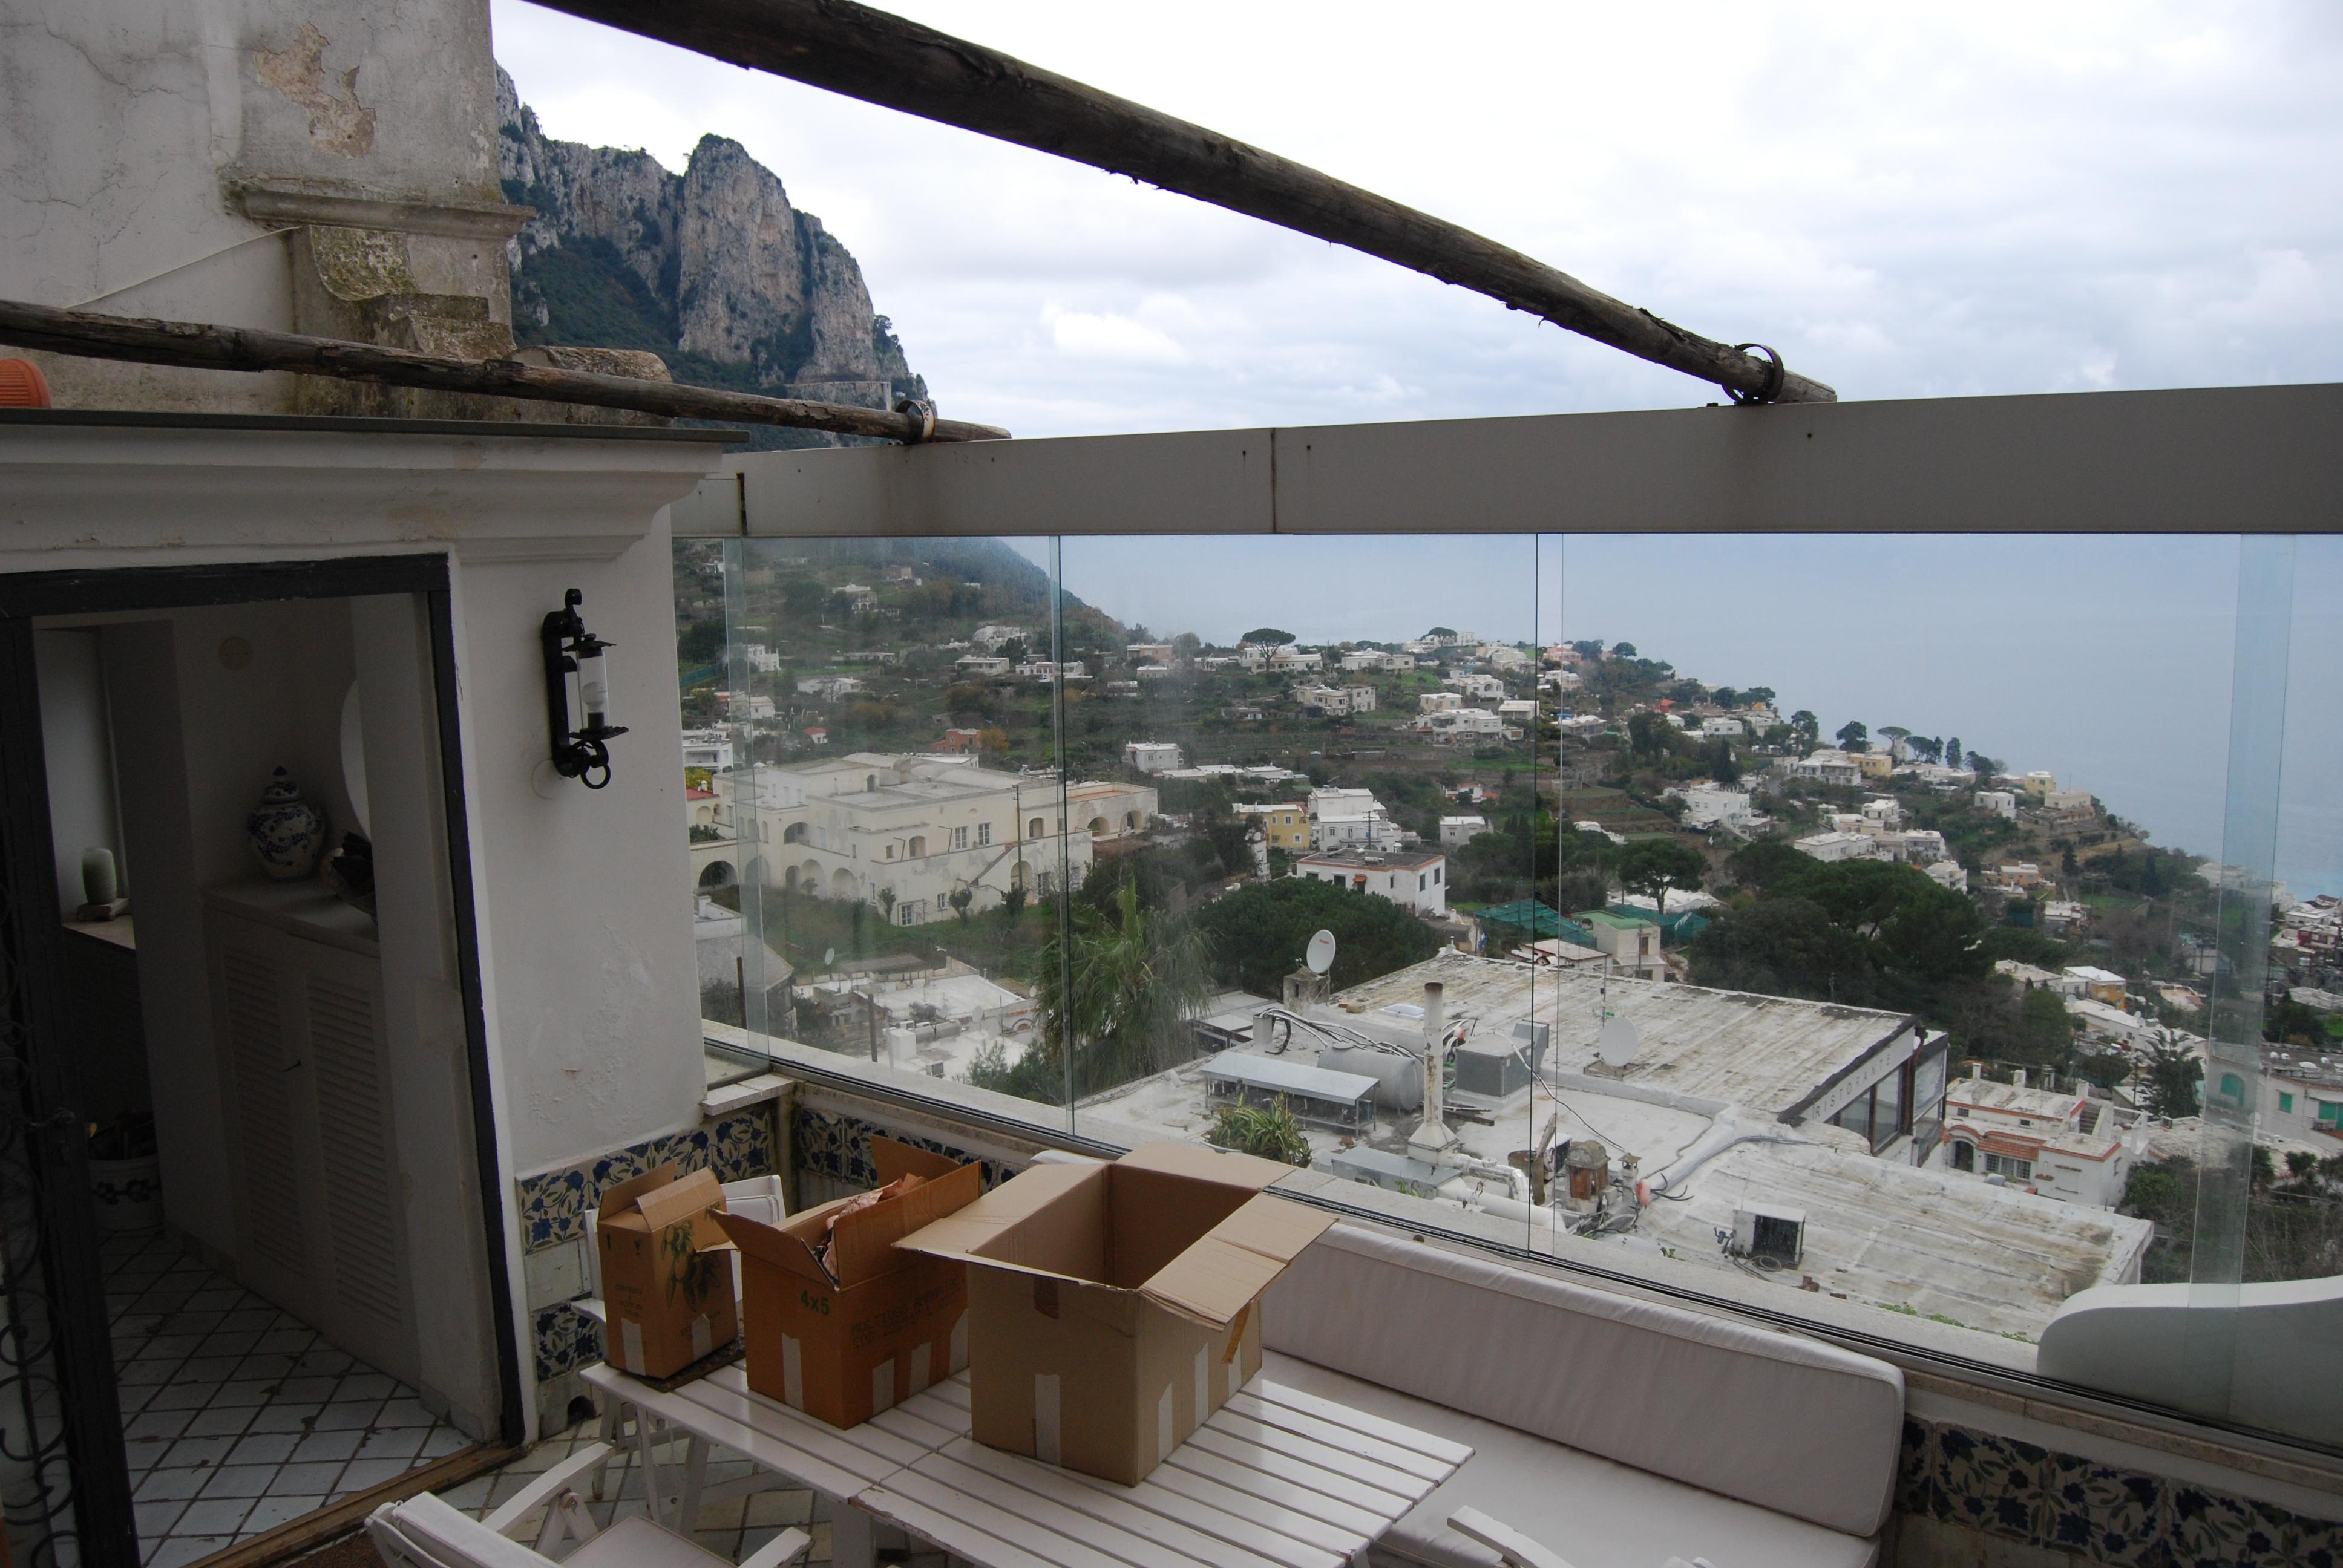 Appartamento a capri con terrazza vista mare for Piani di casa con 5 camere da letto con stanza bonus